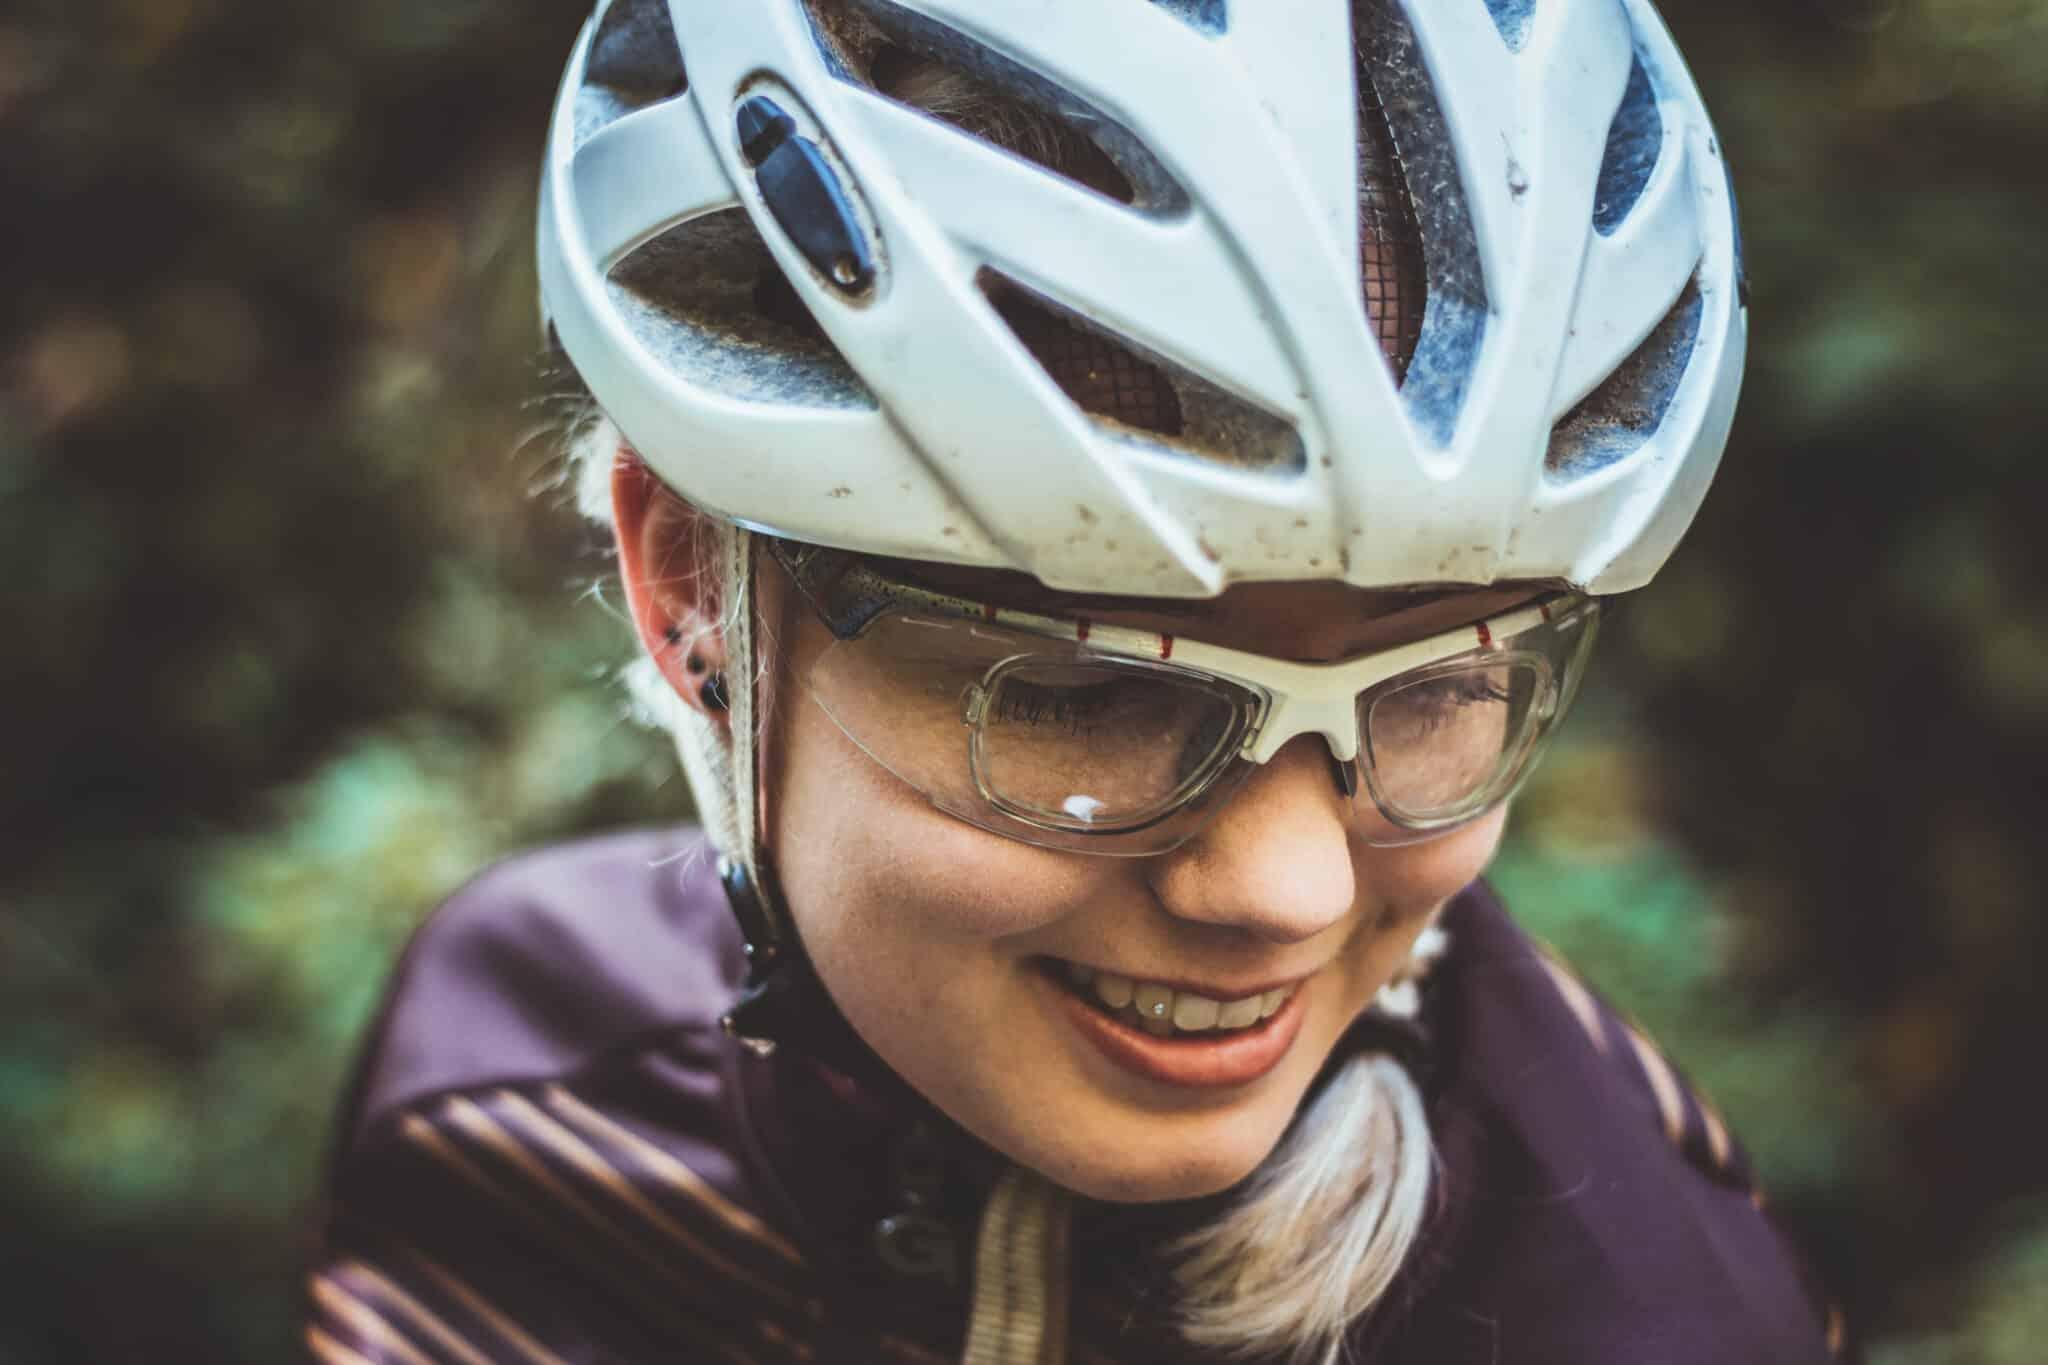 fahrradbrille f r brillentr ger sportbrille mit sehst rke lisasbuntewelt. Black Bedroom Furniture Sets. Home Design Ideas